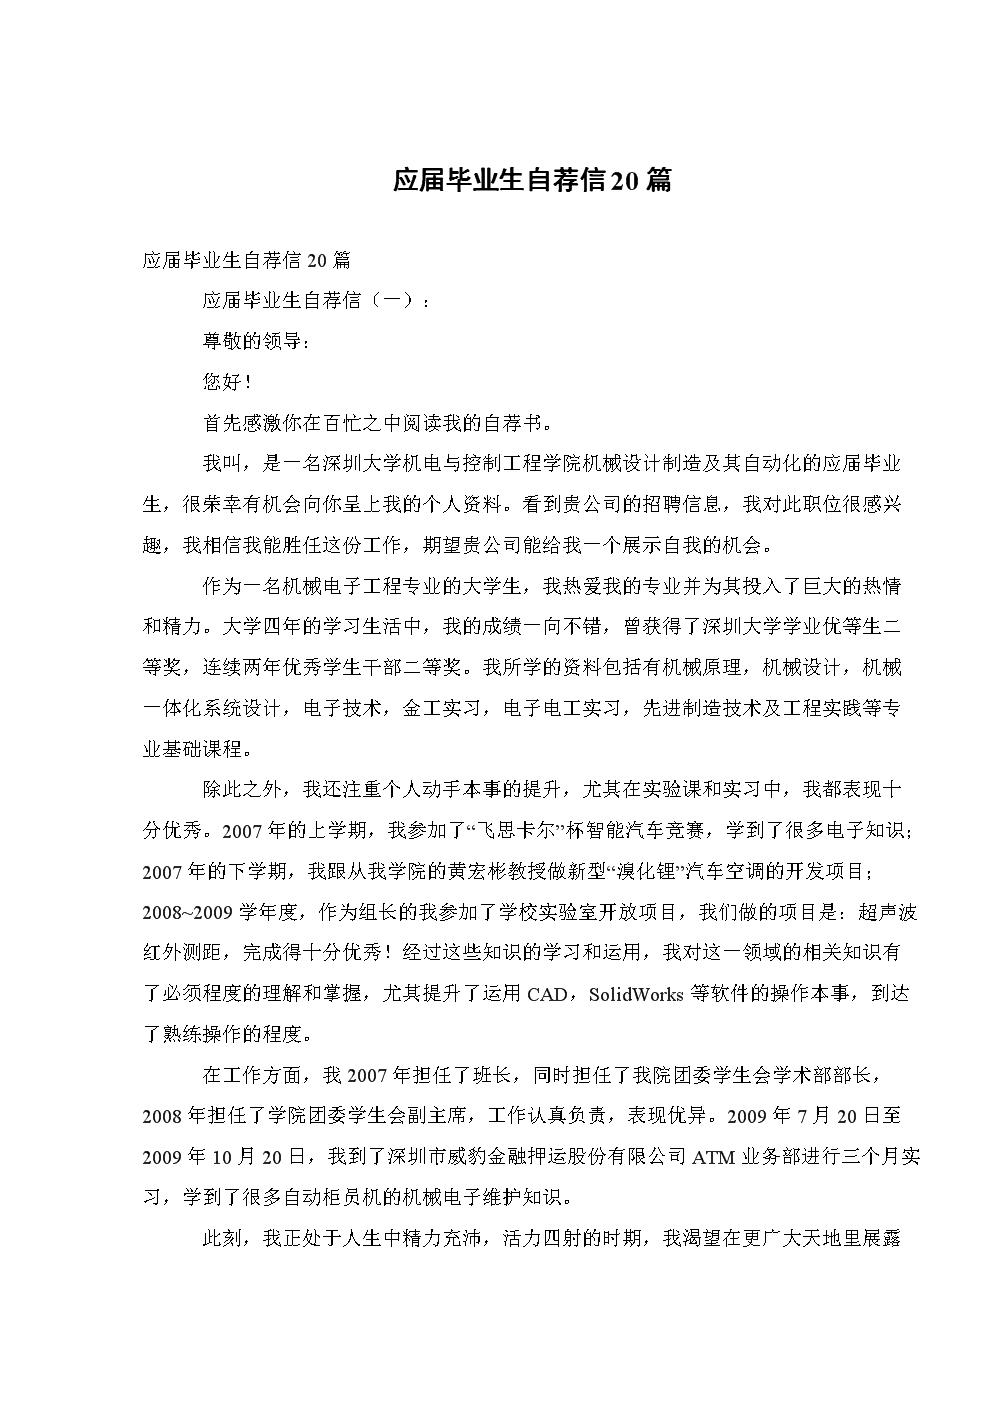 应届毕业生自荐信20篇.doc